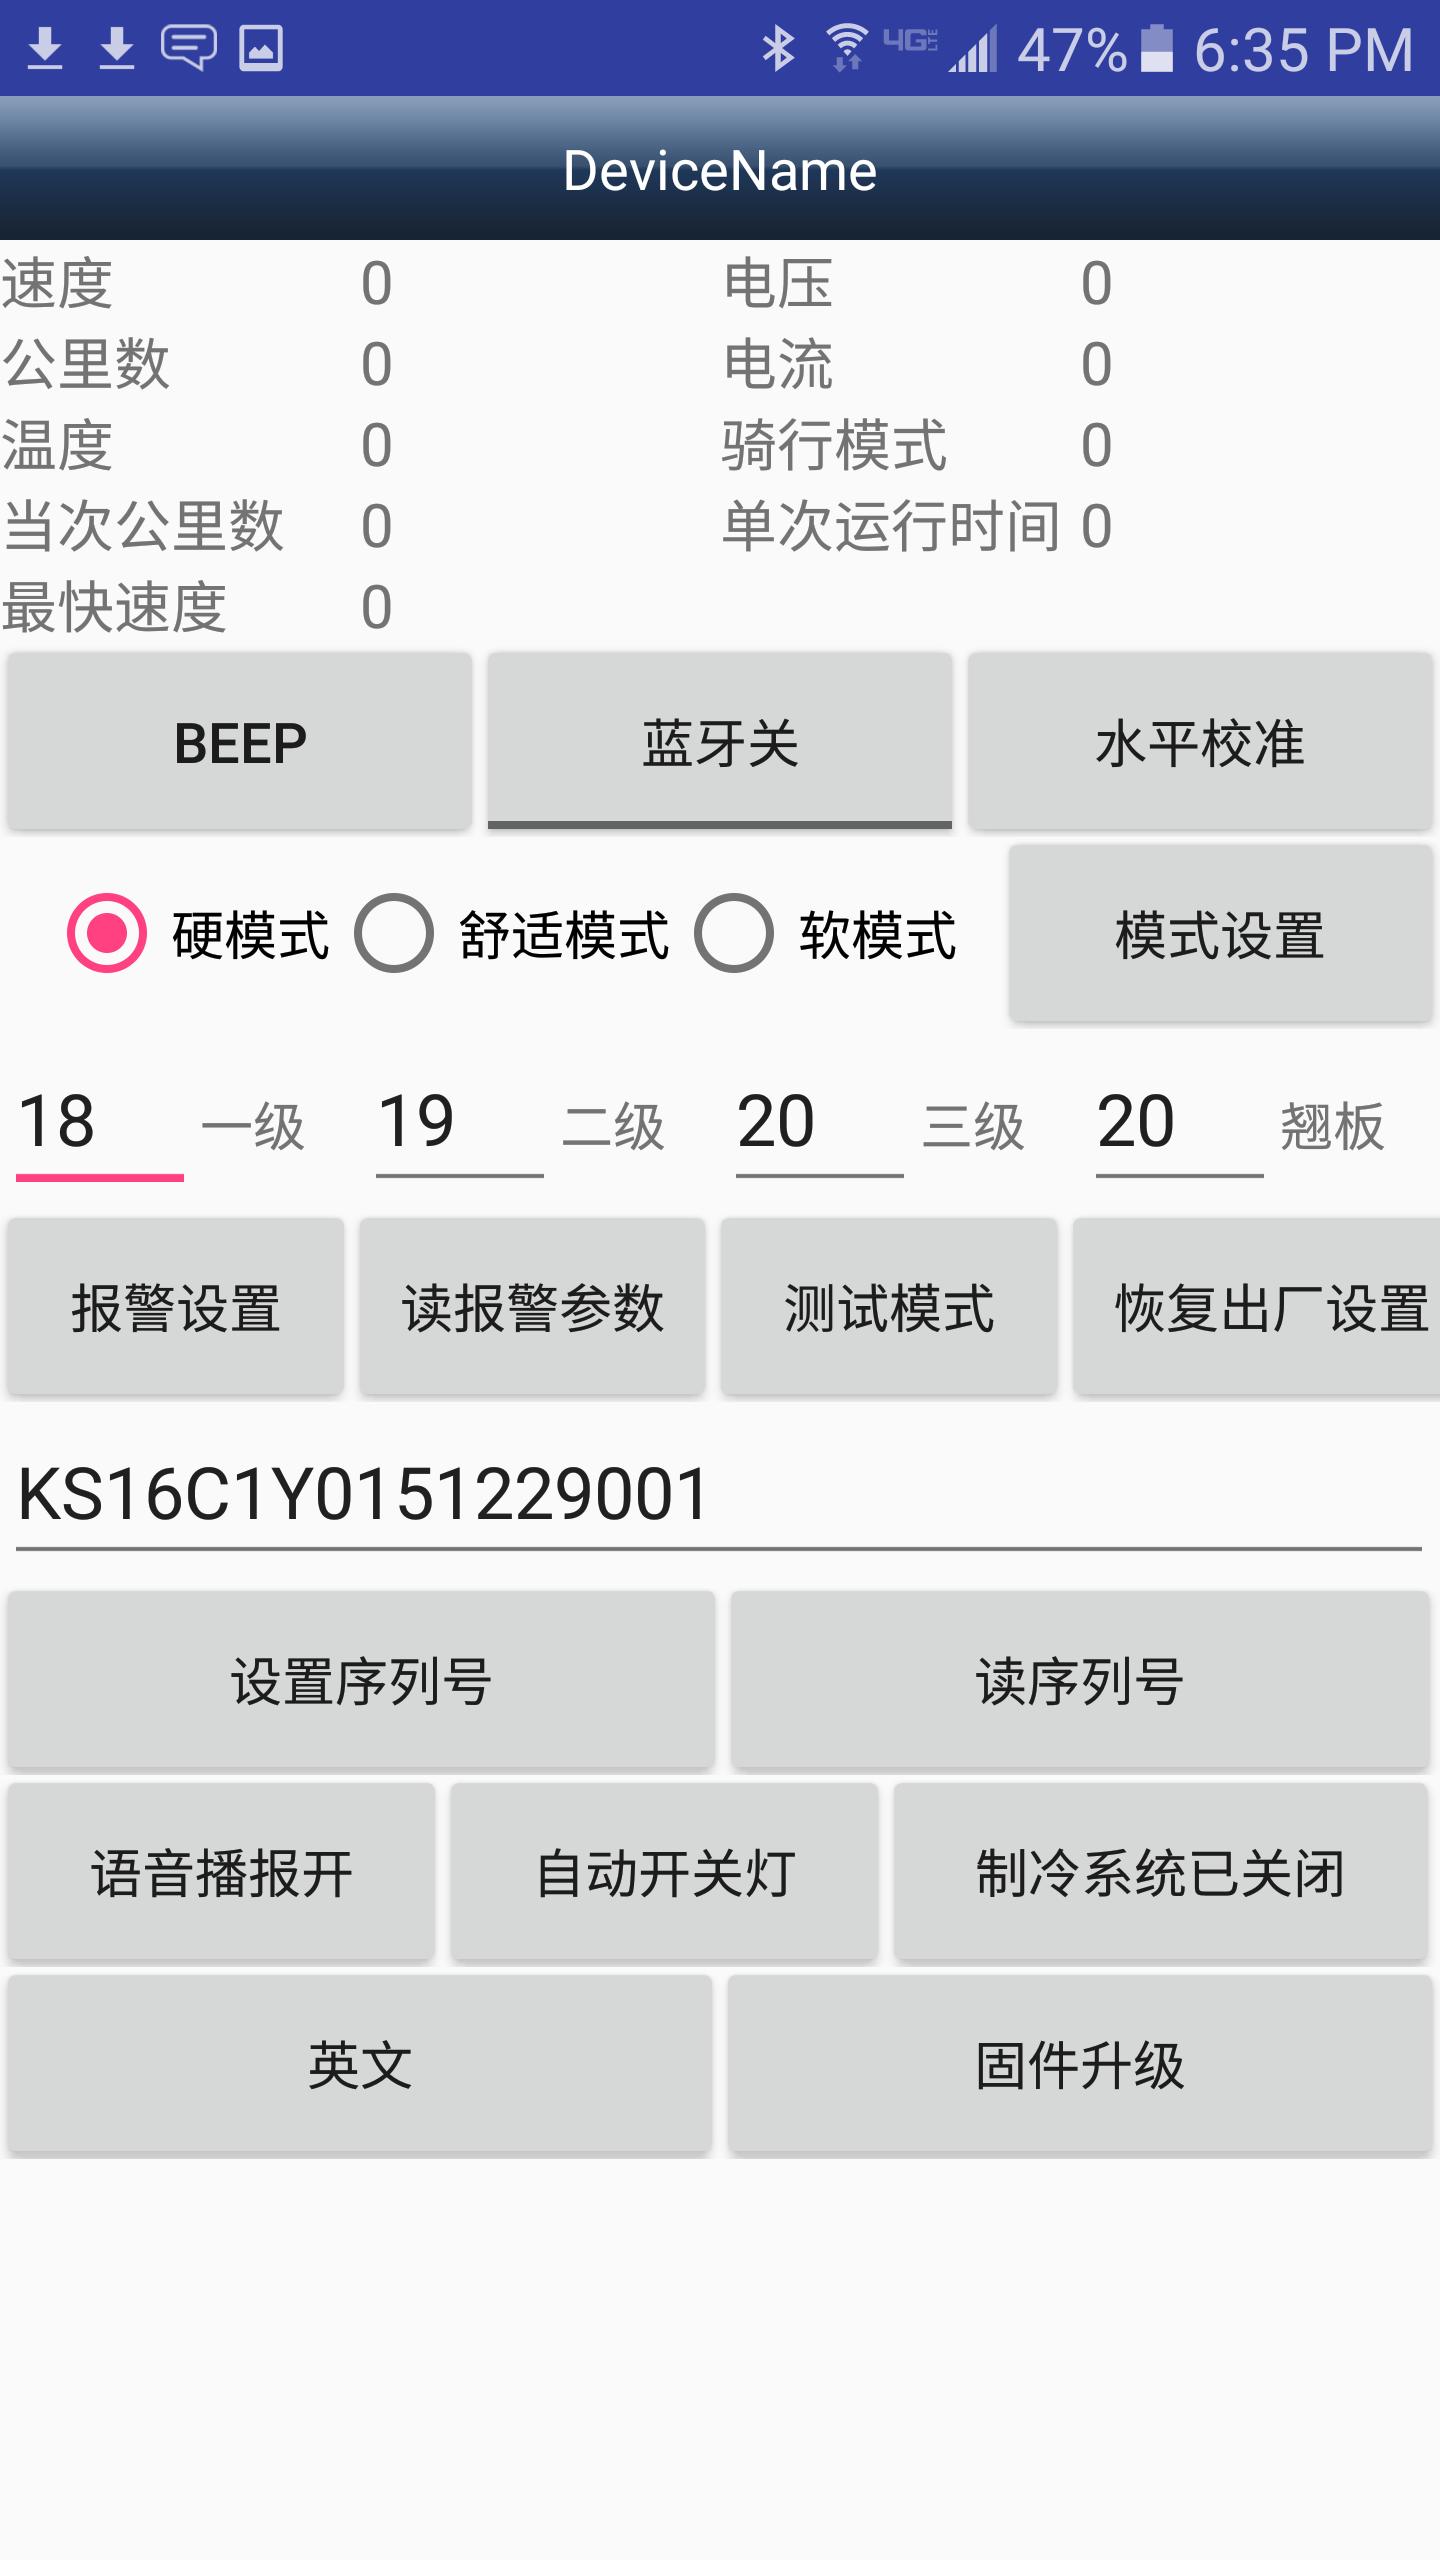 Screenshot_20170319-183551.png.3654f31e7